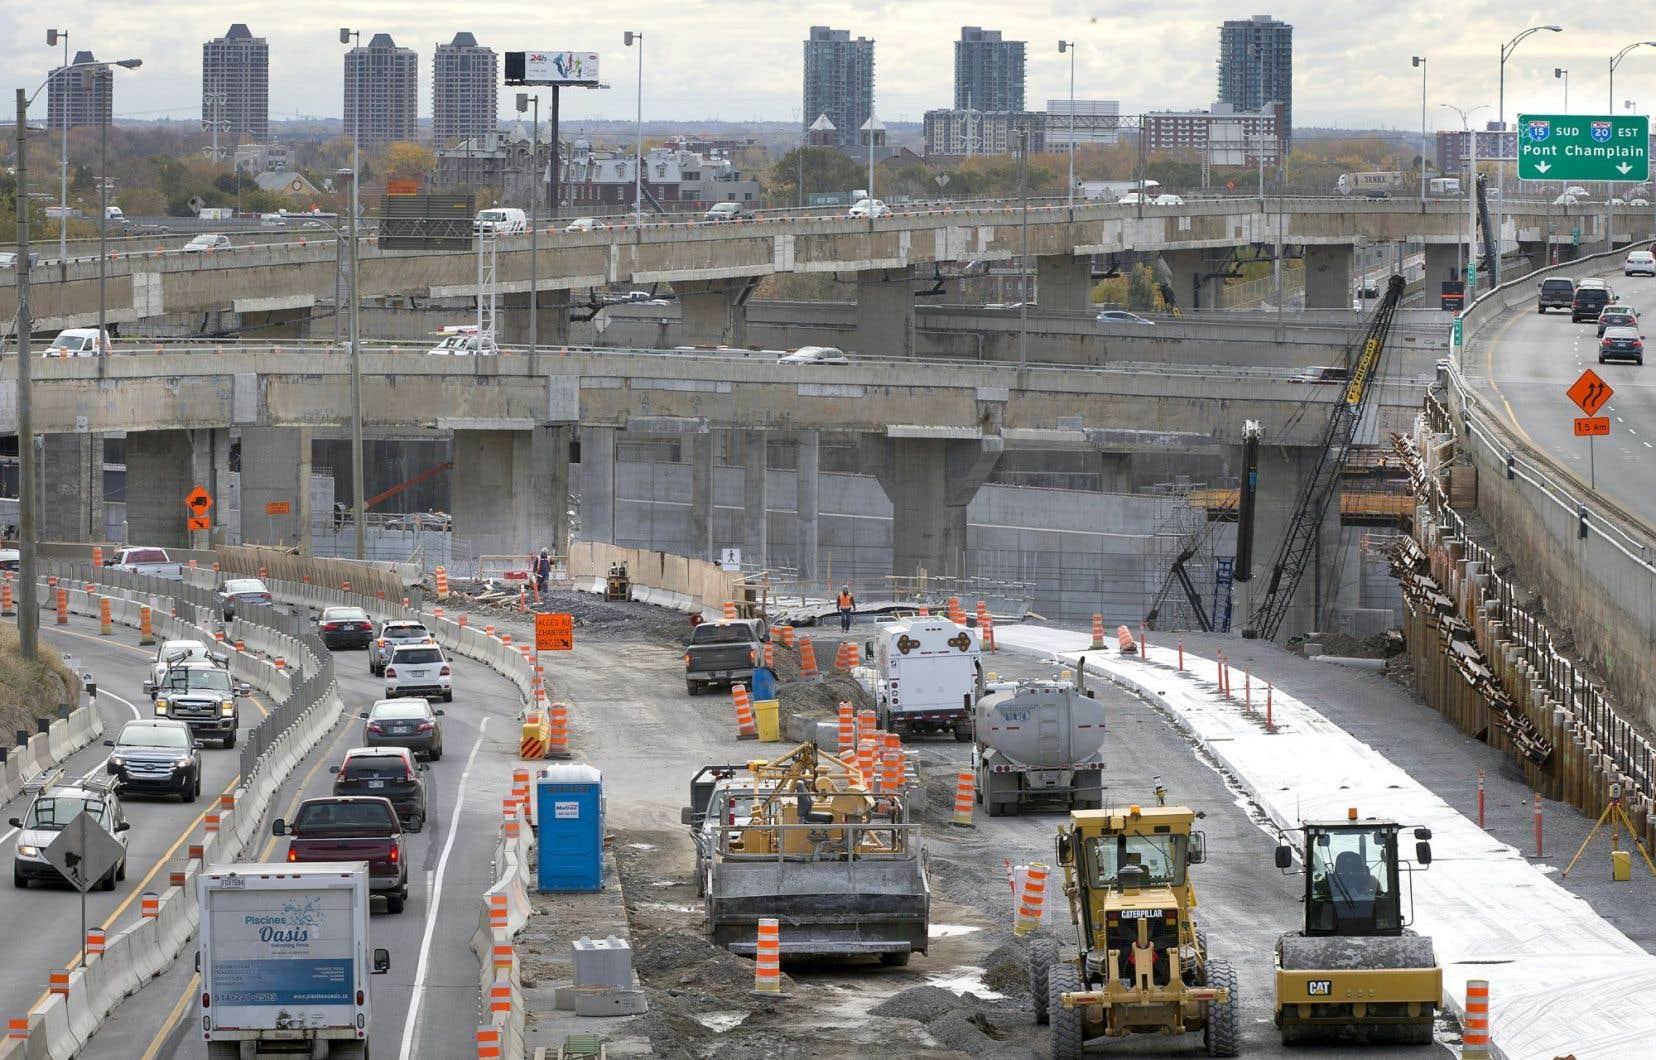 «Il y a eu un laisser-aller important au cours des dernières années [du côté des travaux de voirie], il faut maintenant le rattraper», explique Lionel Perez, le responsable des infrastructures au comité exécutif de la Ville de Montréal.